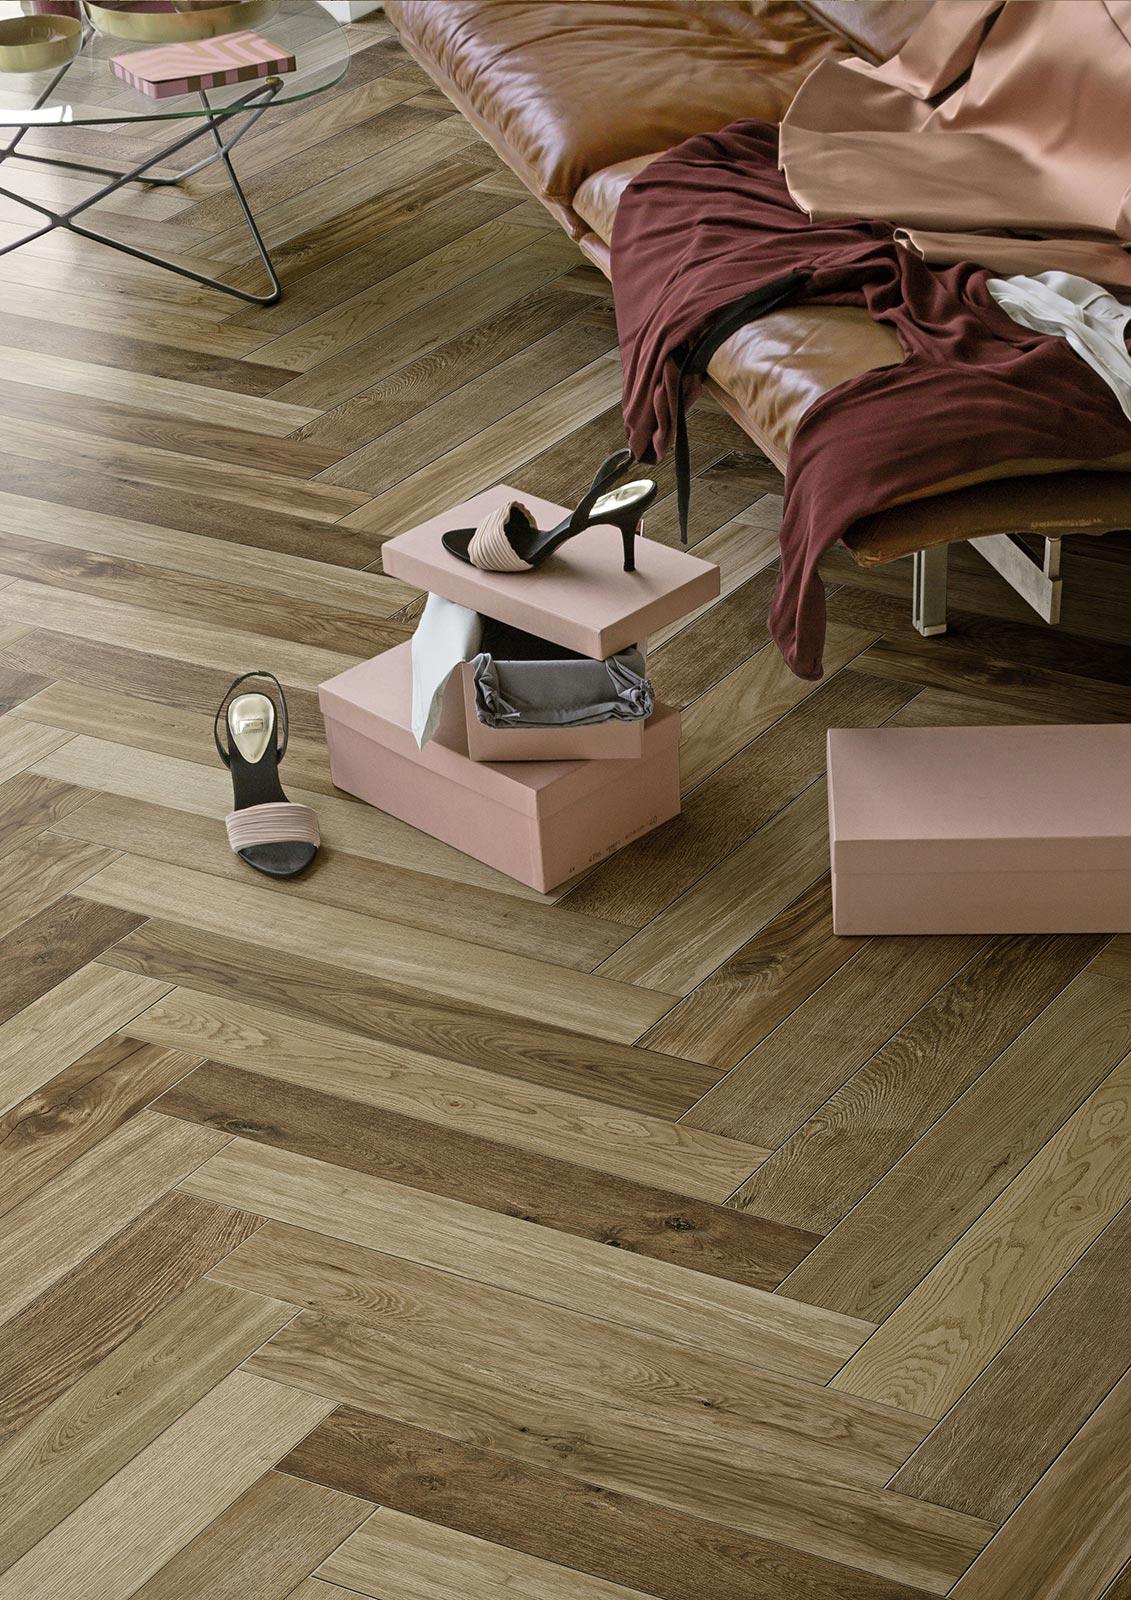 Carrelage imitation bois et parquet - Marazzi 7837